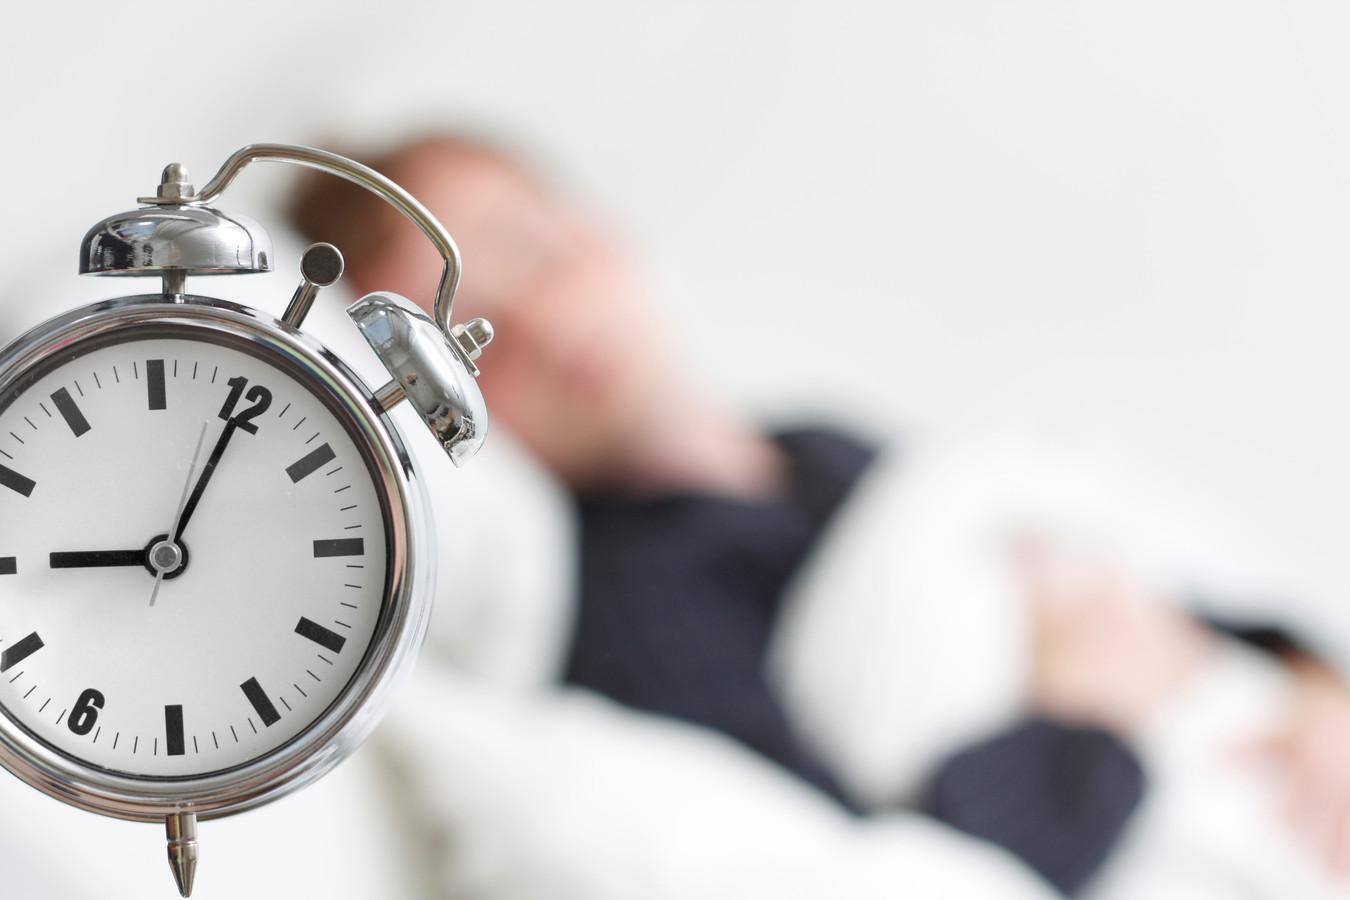 Foto ter illustratie. Het kan iedereen overkomen, maar wanneer maak je het te laat komen te bont en kun je er ook om ontslagen worden?